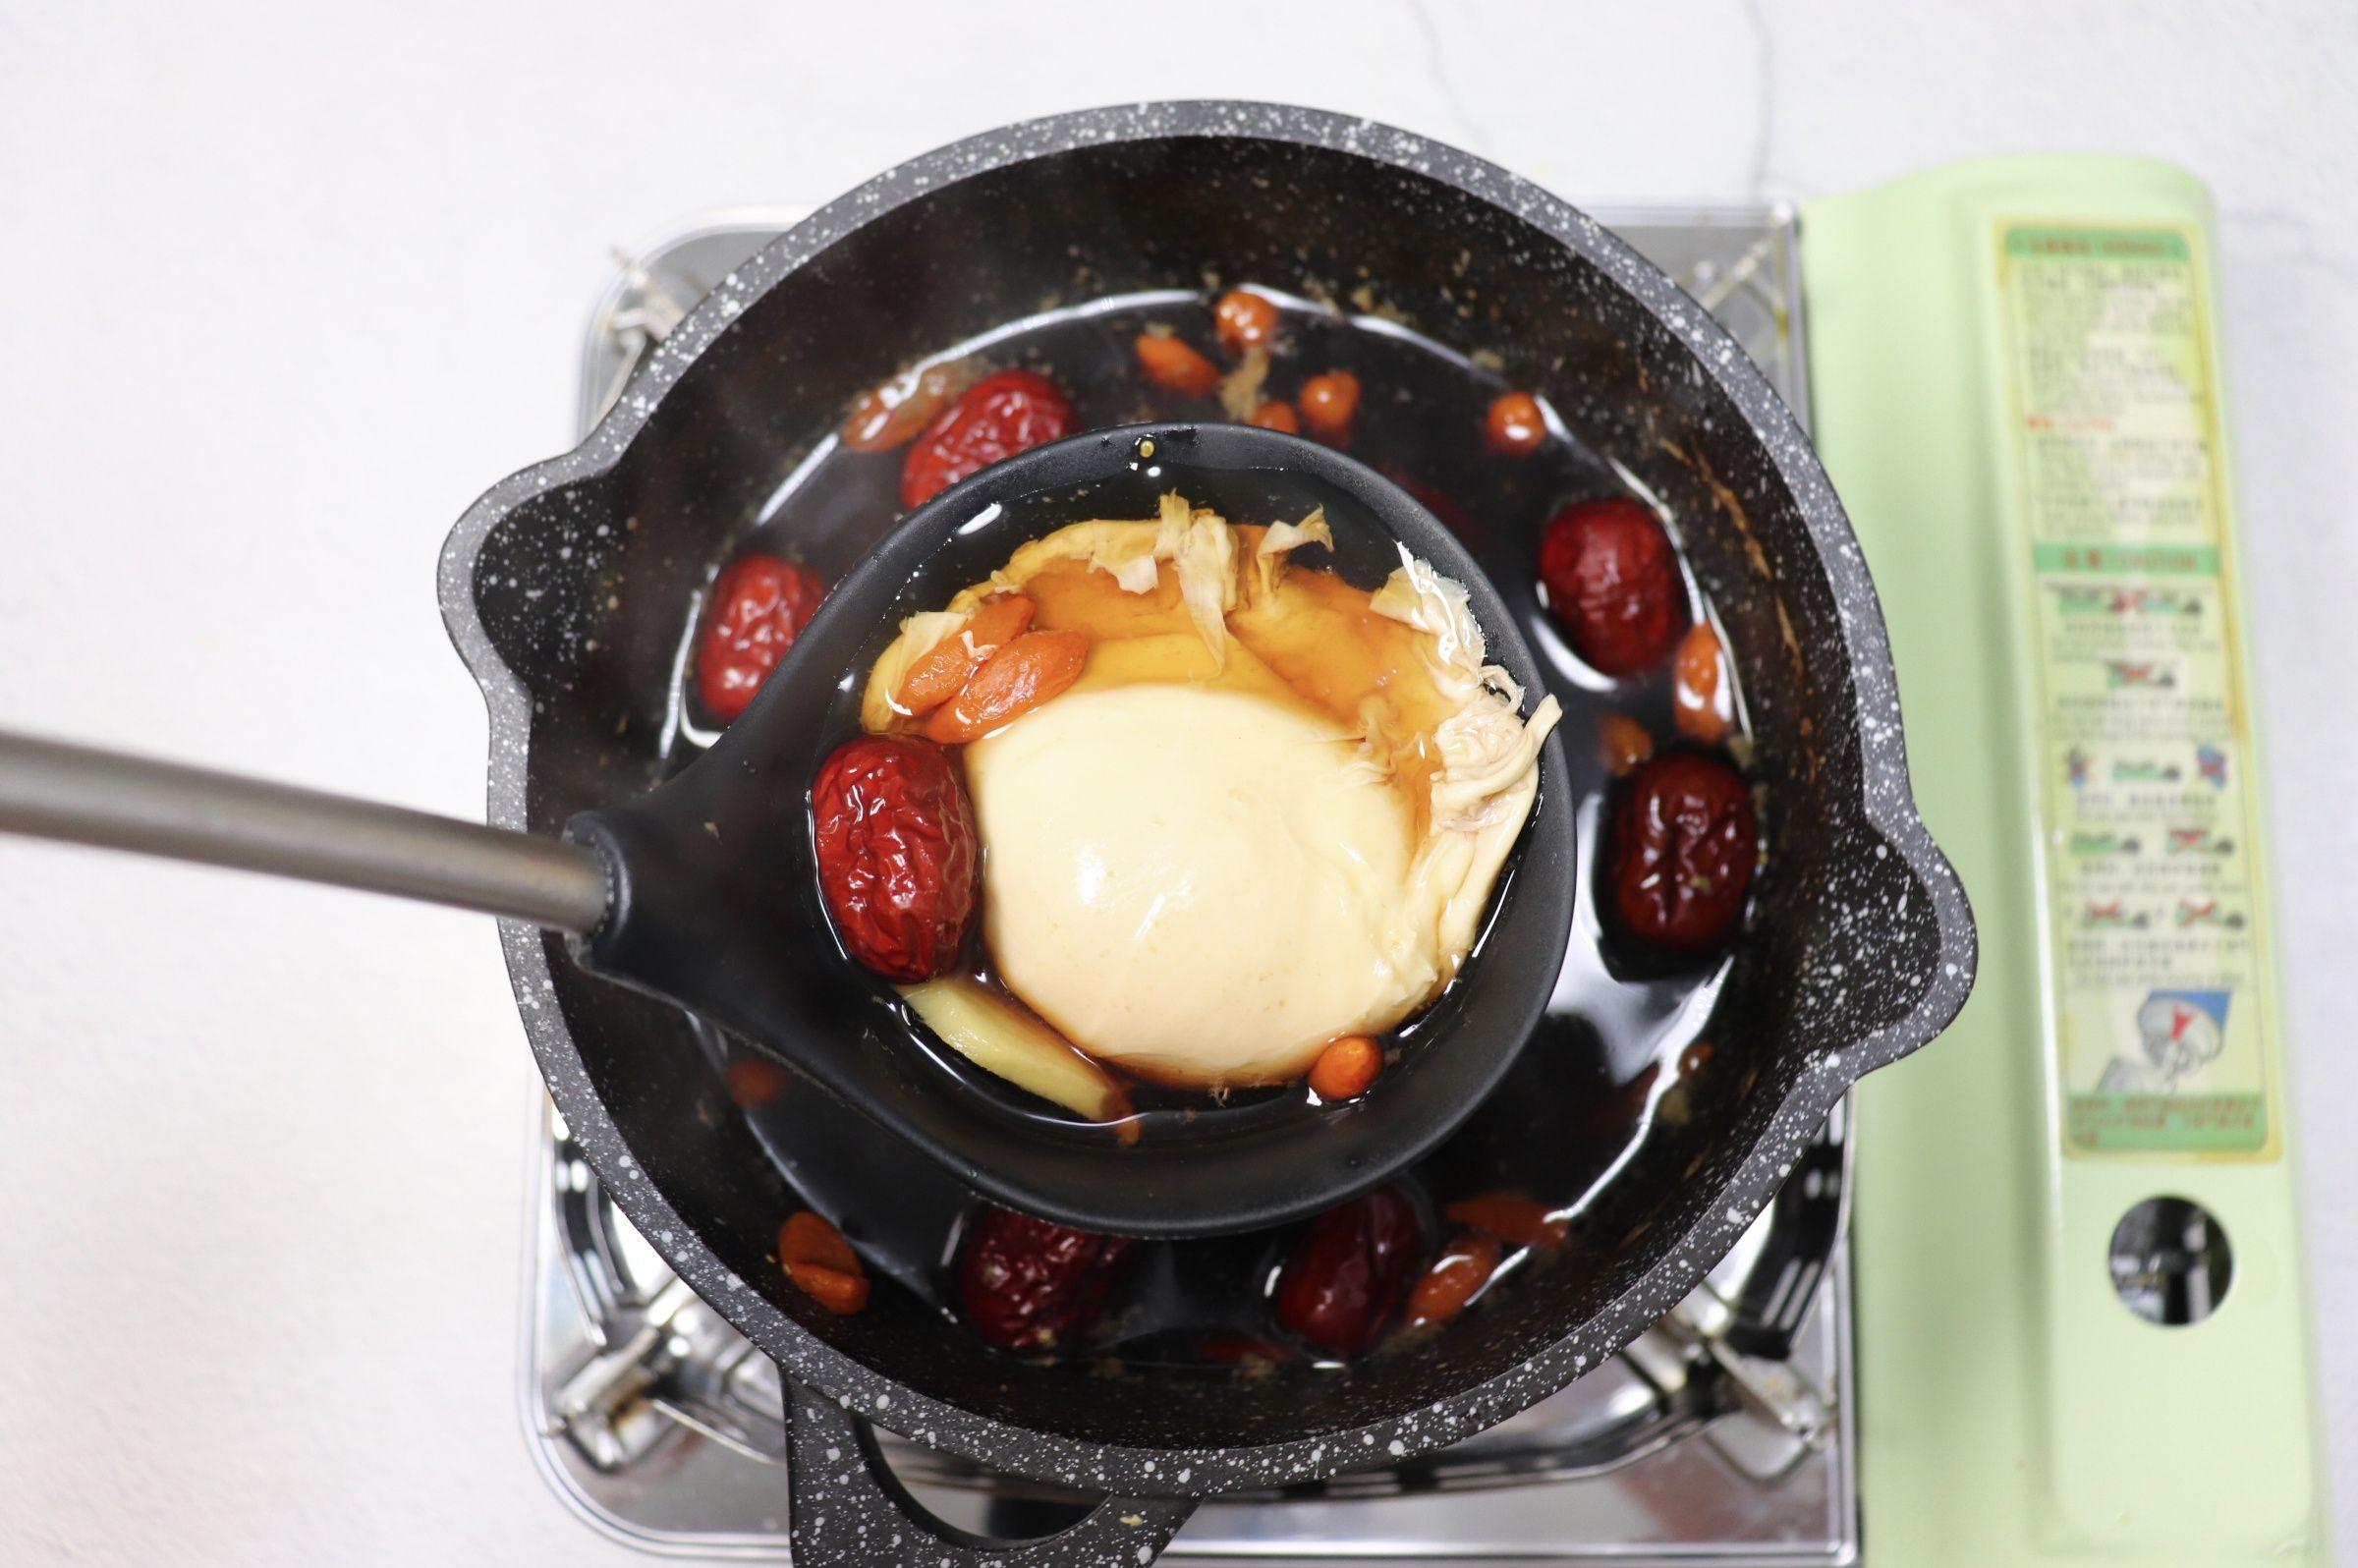 冬日暖身饮品~红糖姜枣煮蛋怎么炖